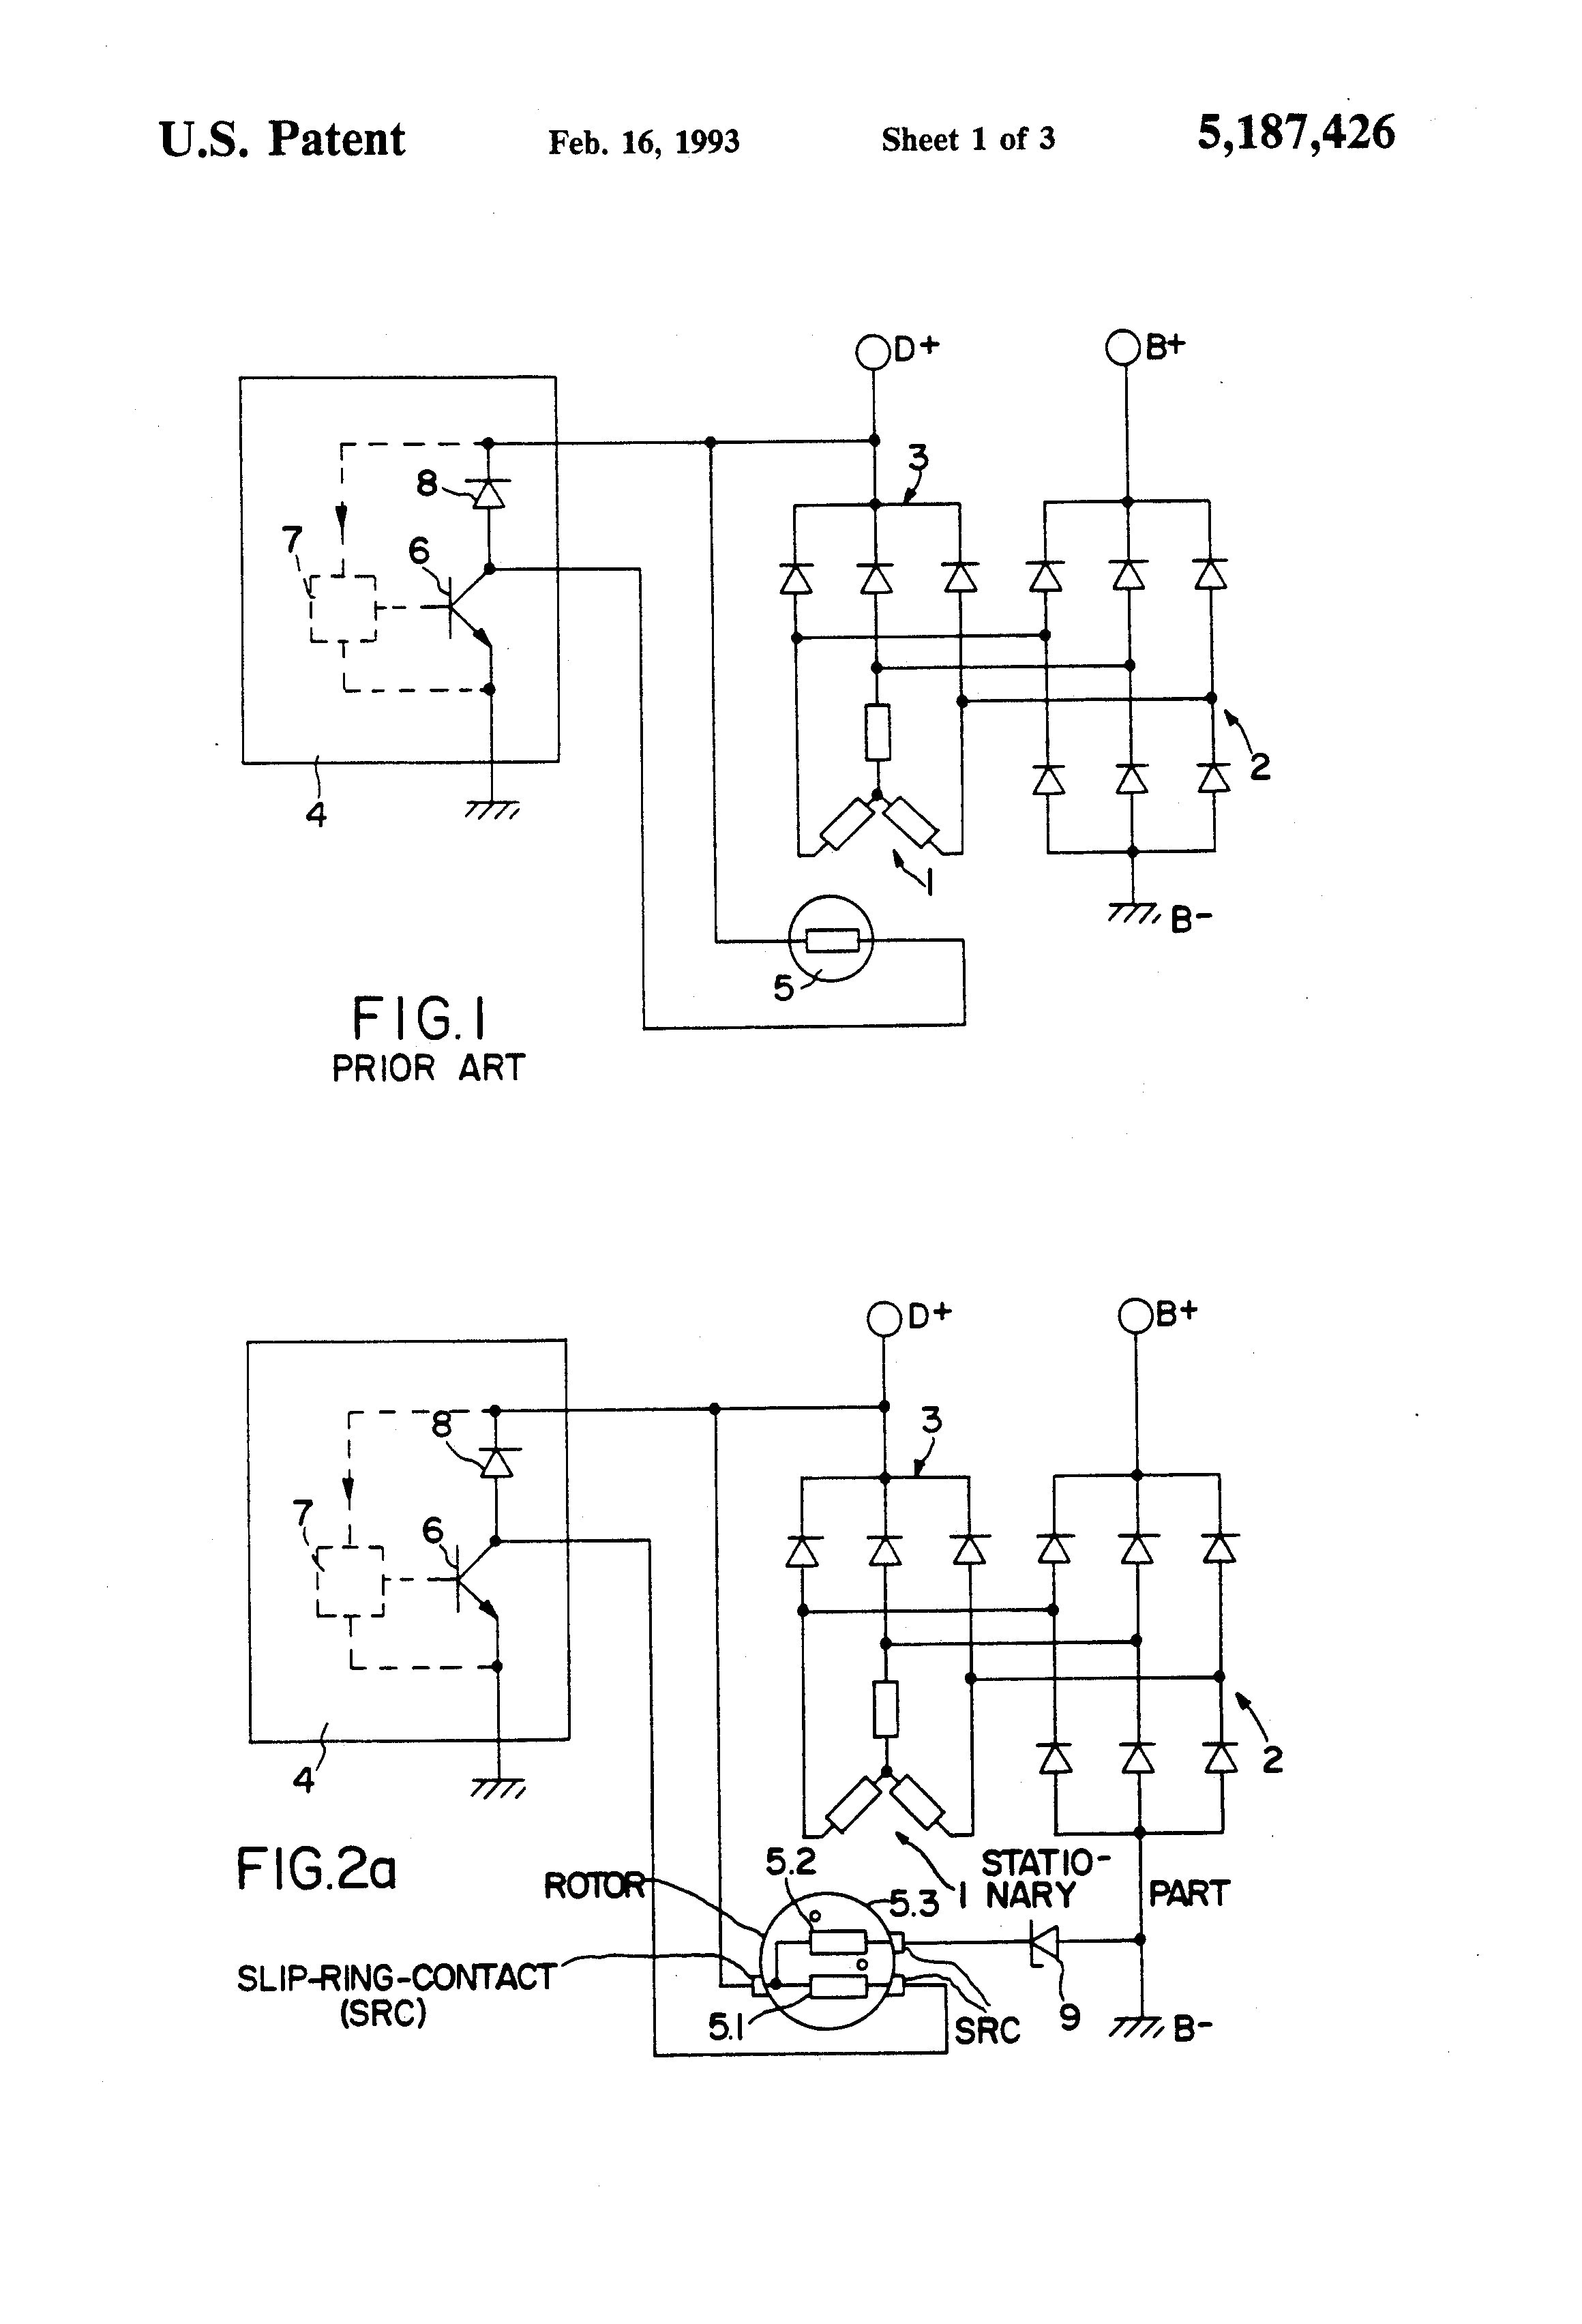 gm 4 wire alternator wiring diagram fresh 4 wire alternator wiring gm 4 wire alternator wiring diagram